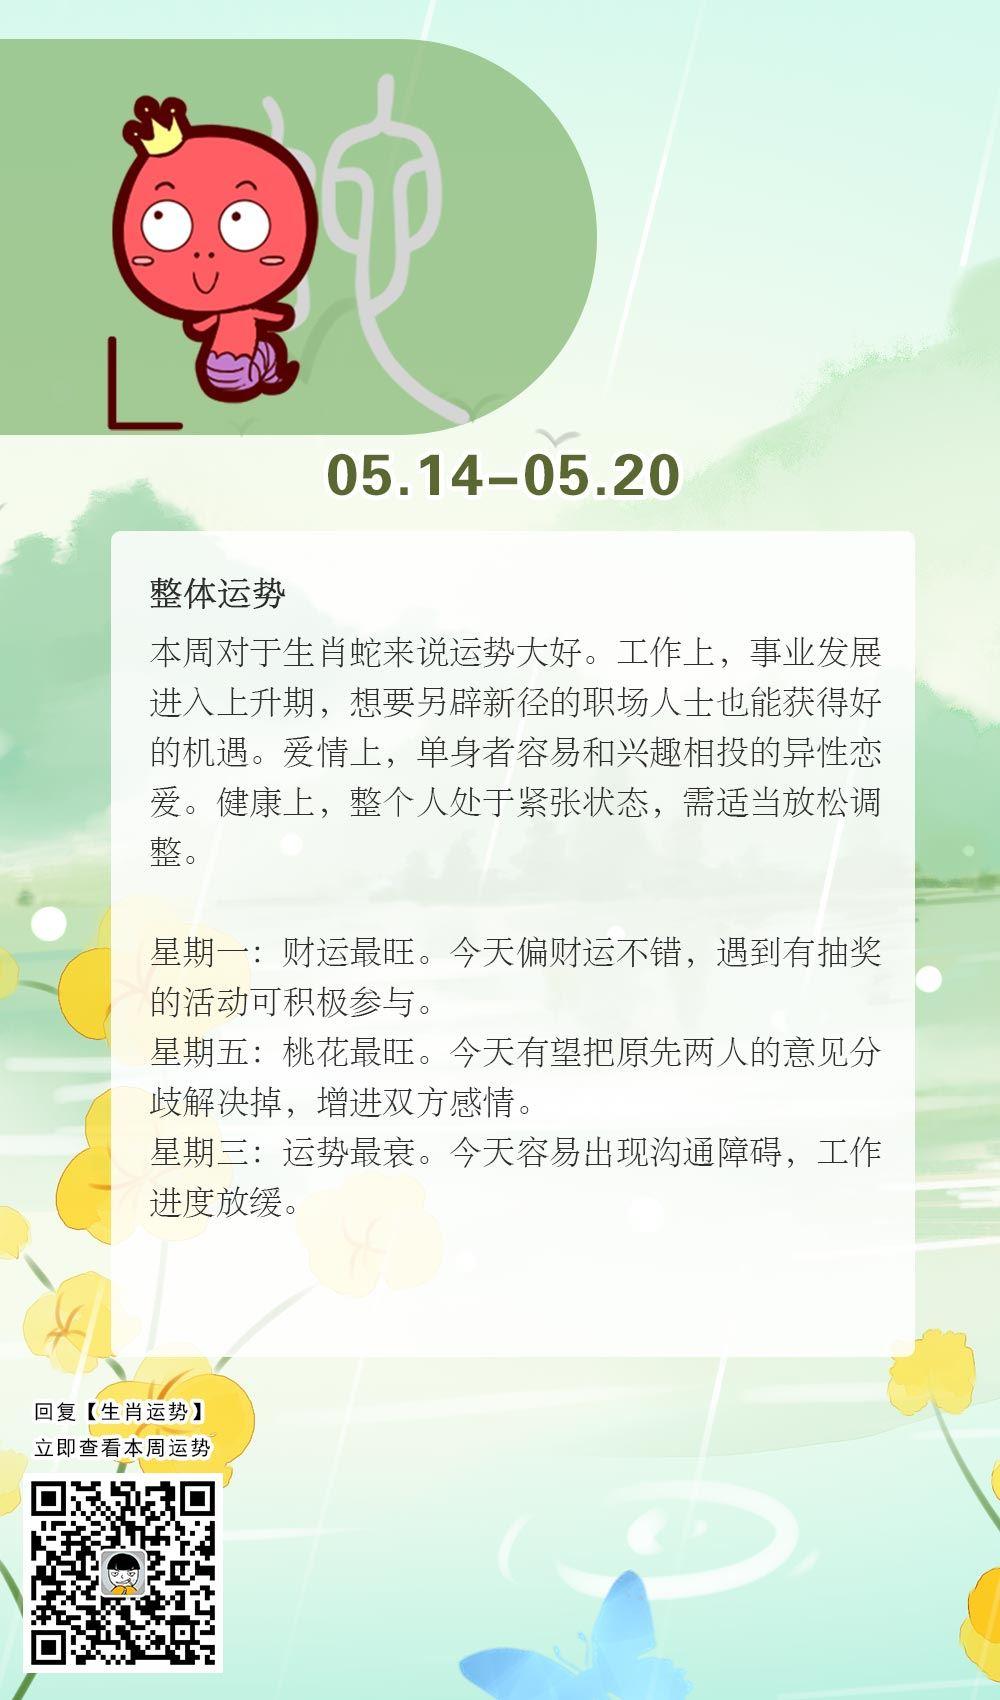 生肖蛇本周运势【2018.05.14-05.20】